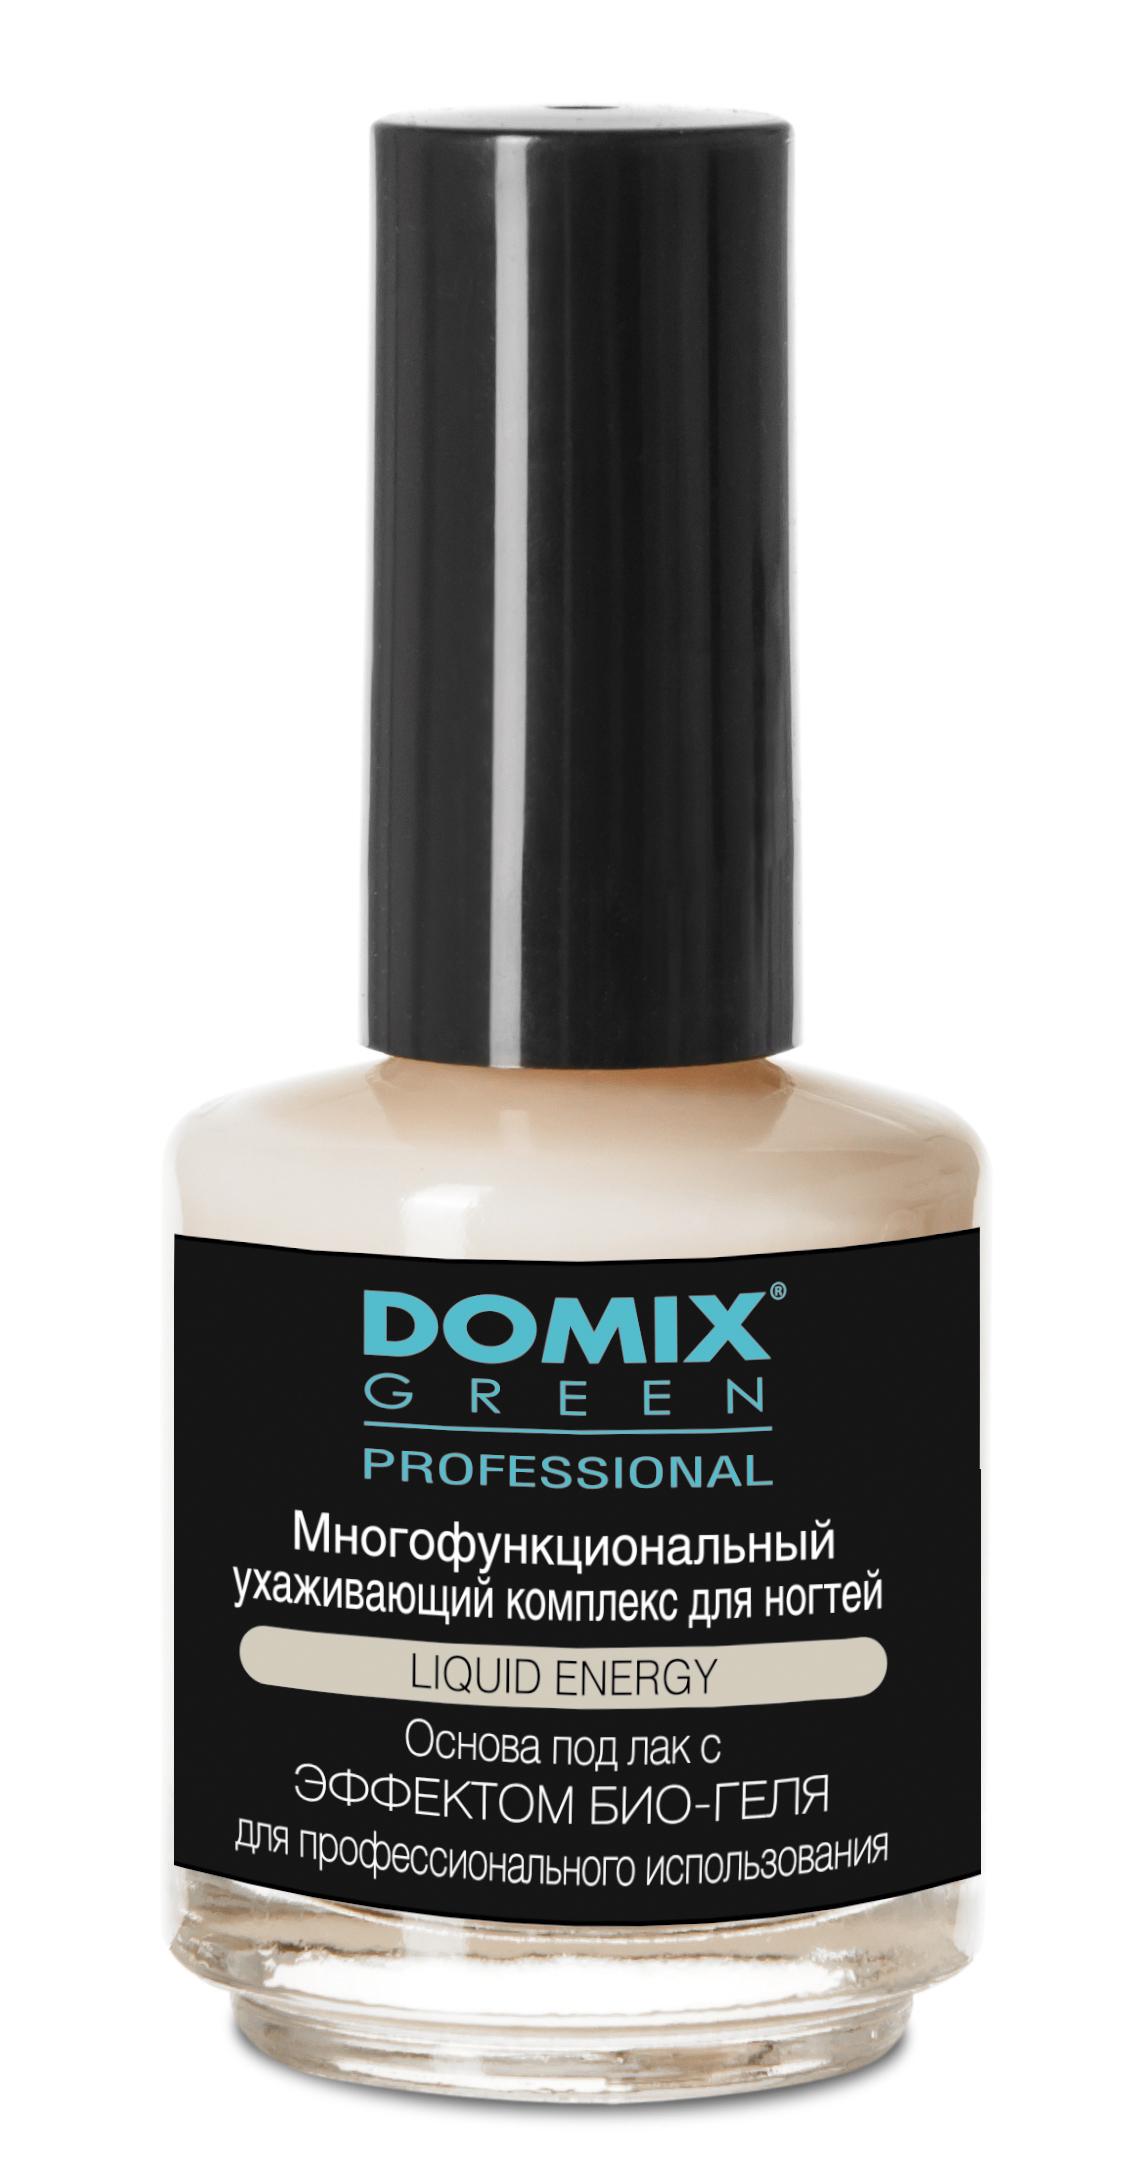 DOMIX Комплекс многофункциональный ухаживающий для ногтей / DGP 17млБазовые покрытия<br>Основа под лак с эффектом био-геля для профессионального использования с маслом арганы, инка-инчи, семян подсолнечника, экстрактами гинко-билоба, оливковых листьев, аспалатуса, водорослей и витамином Е Средство скрывает дефекты, фиксирует отслоившиеся кромки, предупреждает изменение цвета ногтей. Входящие в состав средства масла, ценные экстракты и витамины, питают и укрепляют ослабленные ногти, способствуют восстановлению расслоившихся ногтей, устраняют ломкость и обеспечивают условия для роста сильных и здоровых ногтей. Способ применения: нанесите средство на подготовленные ногти. После высыхания можно использовать лак для ногтей.<br><br>Класс косметики: Профессиональная